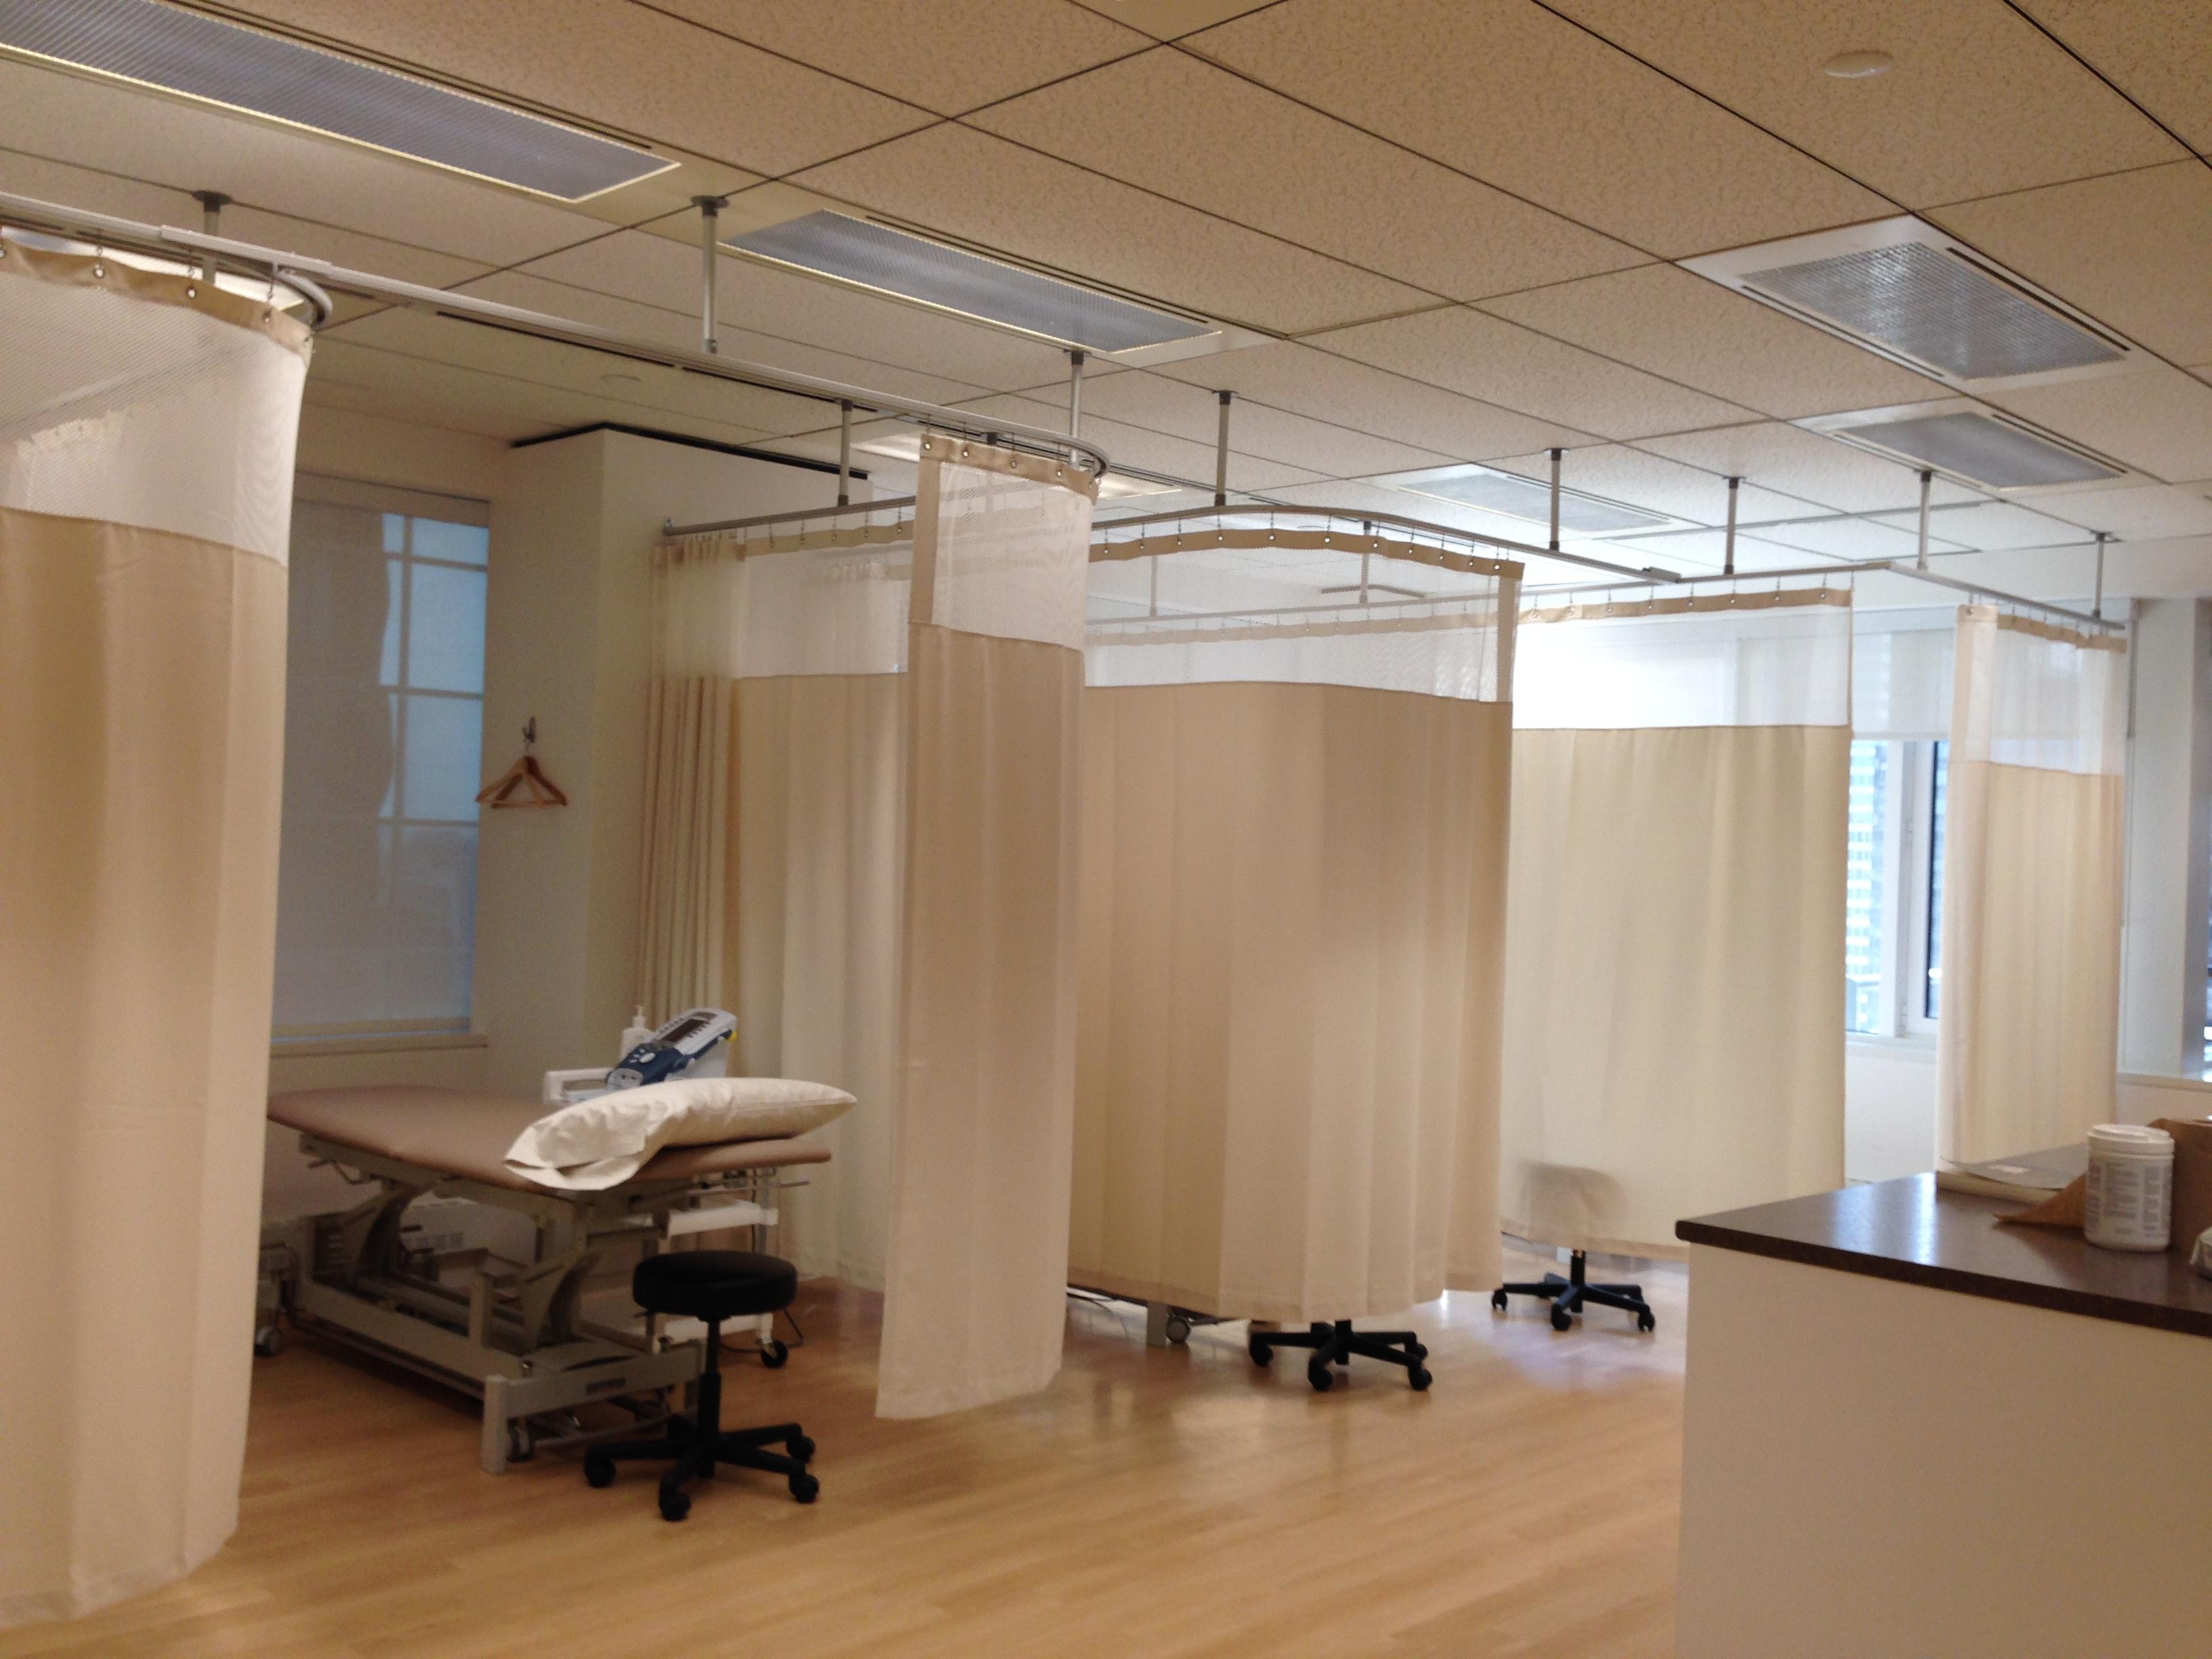 Hospital Curtain Rails